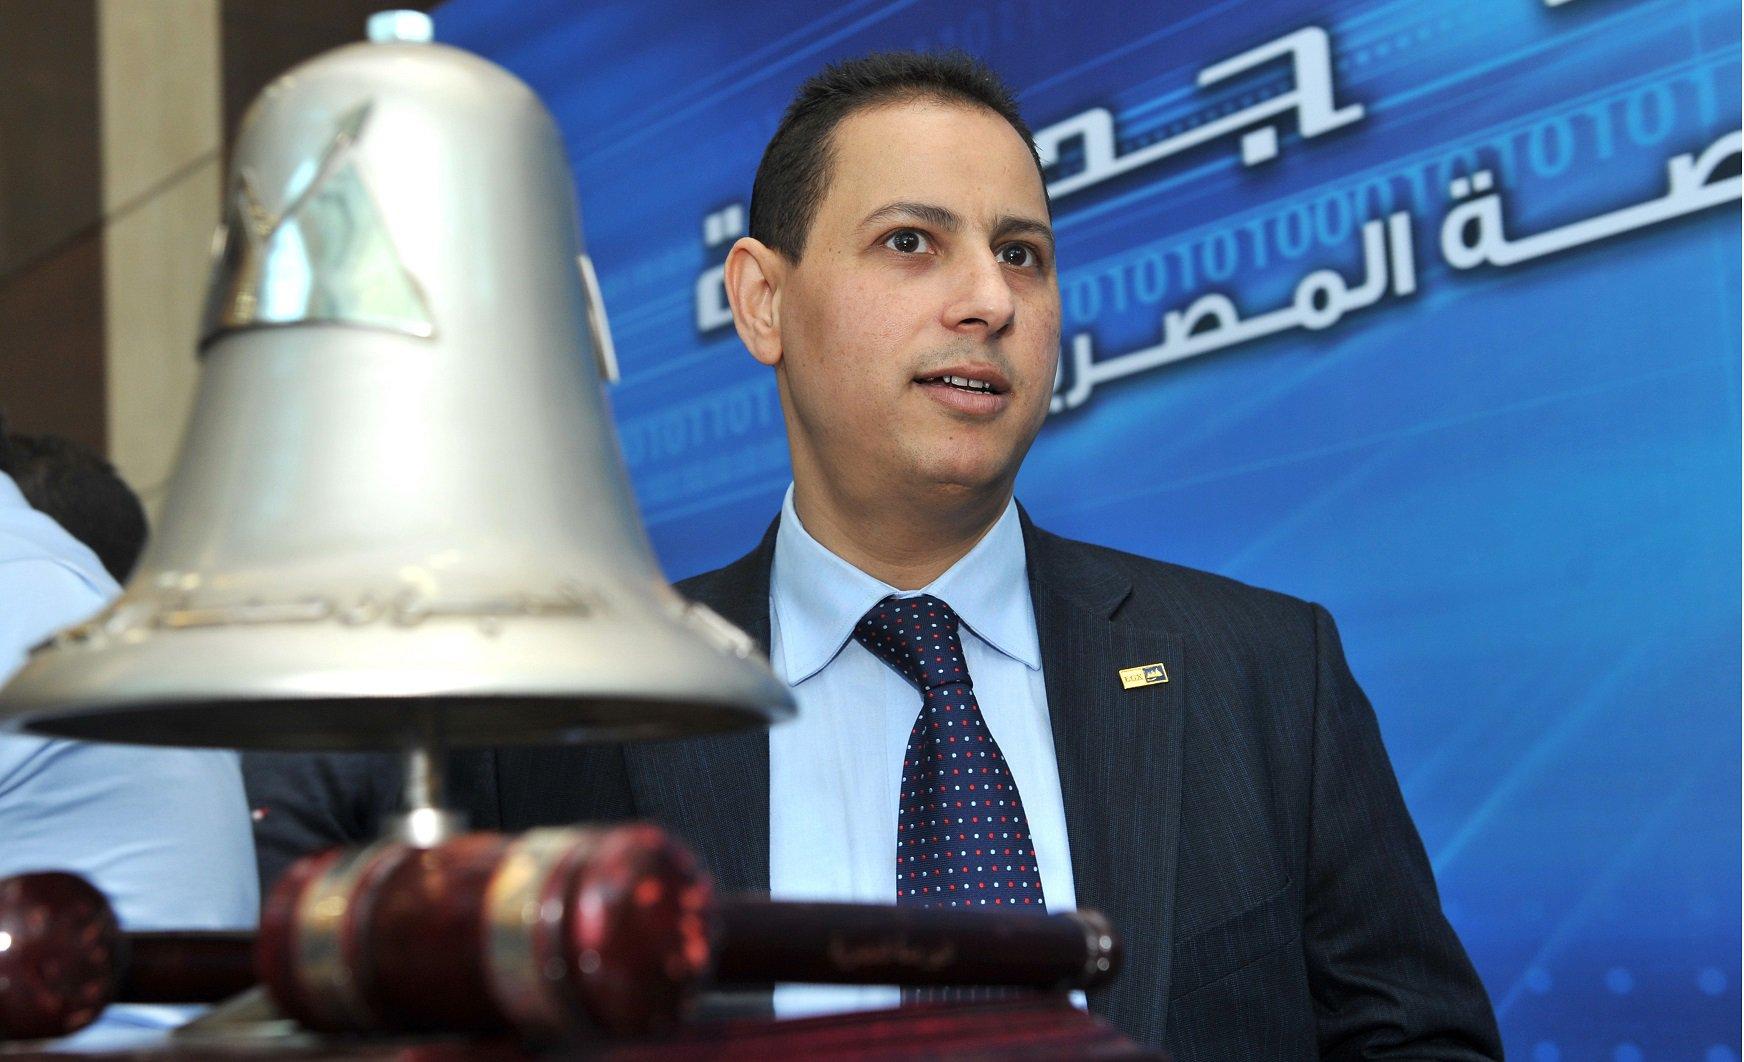 مكاسب البورصة المصرية تجاوزت 200 مليار جنيه في عهد الرئيس السيسي